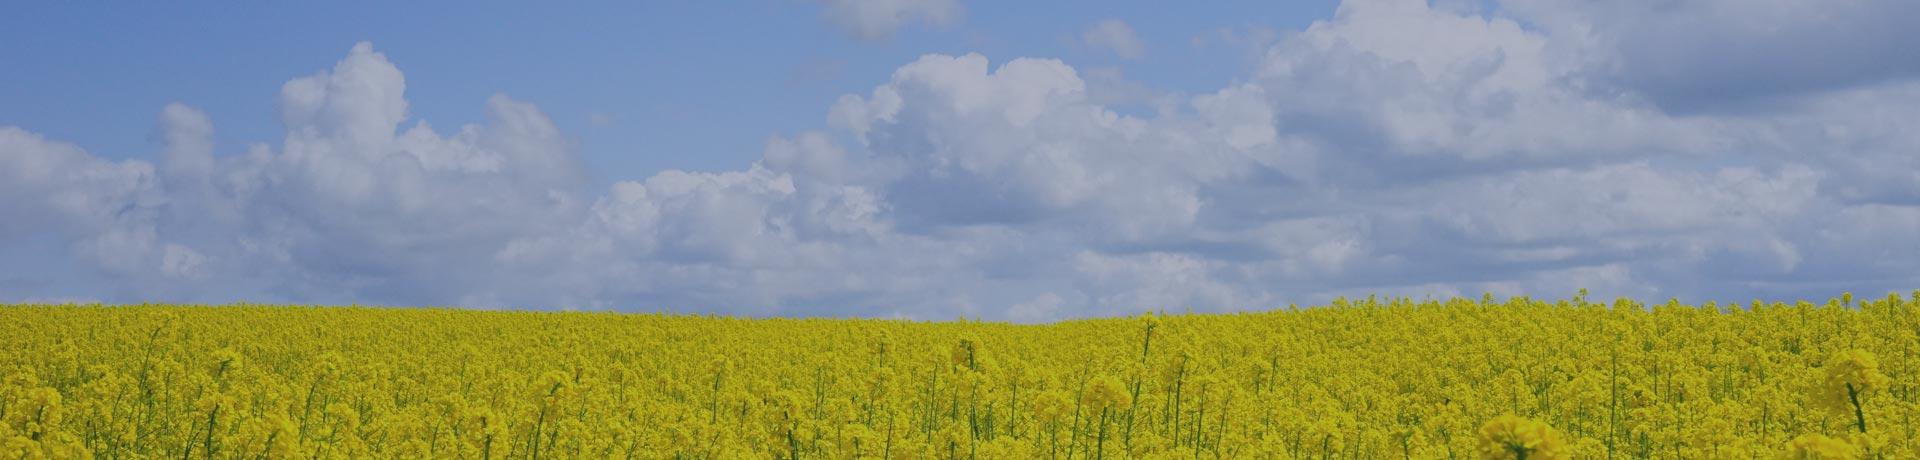 rapeseed fields